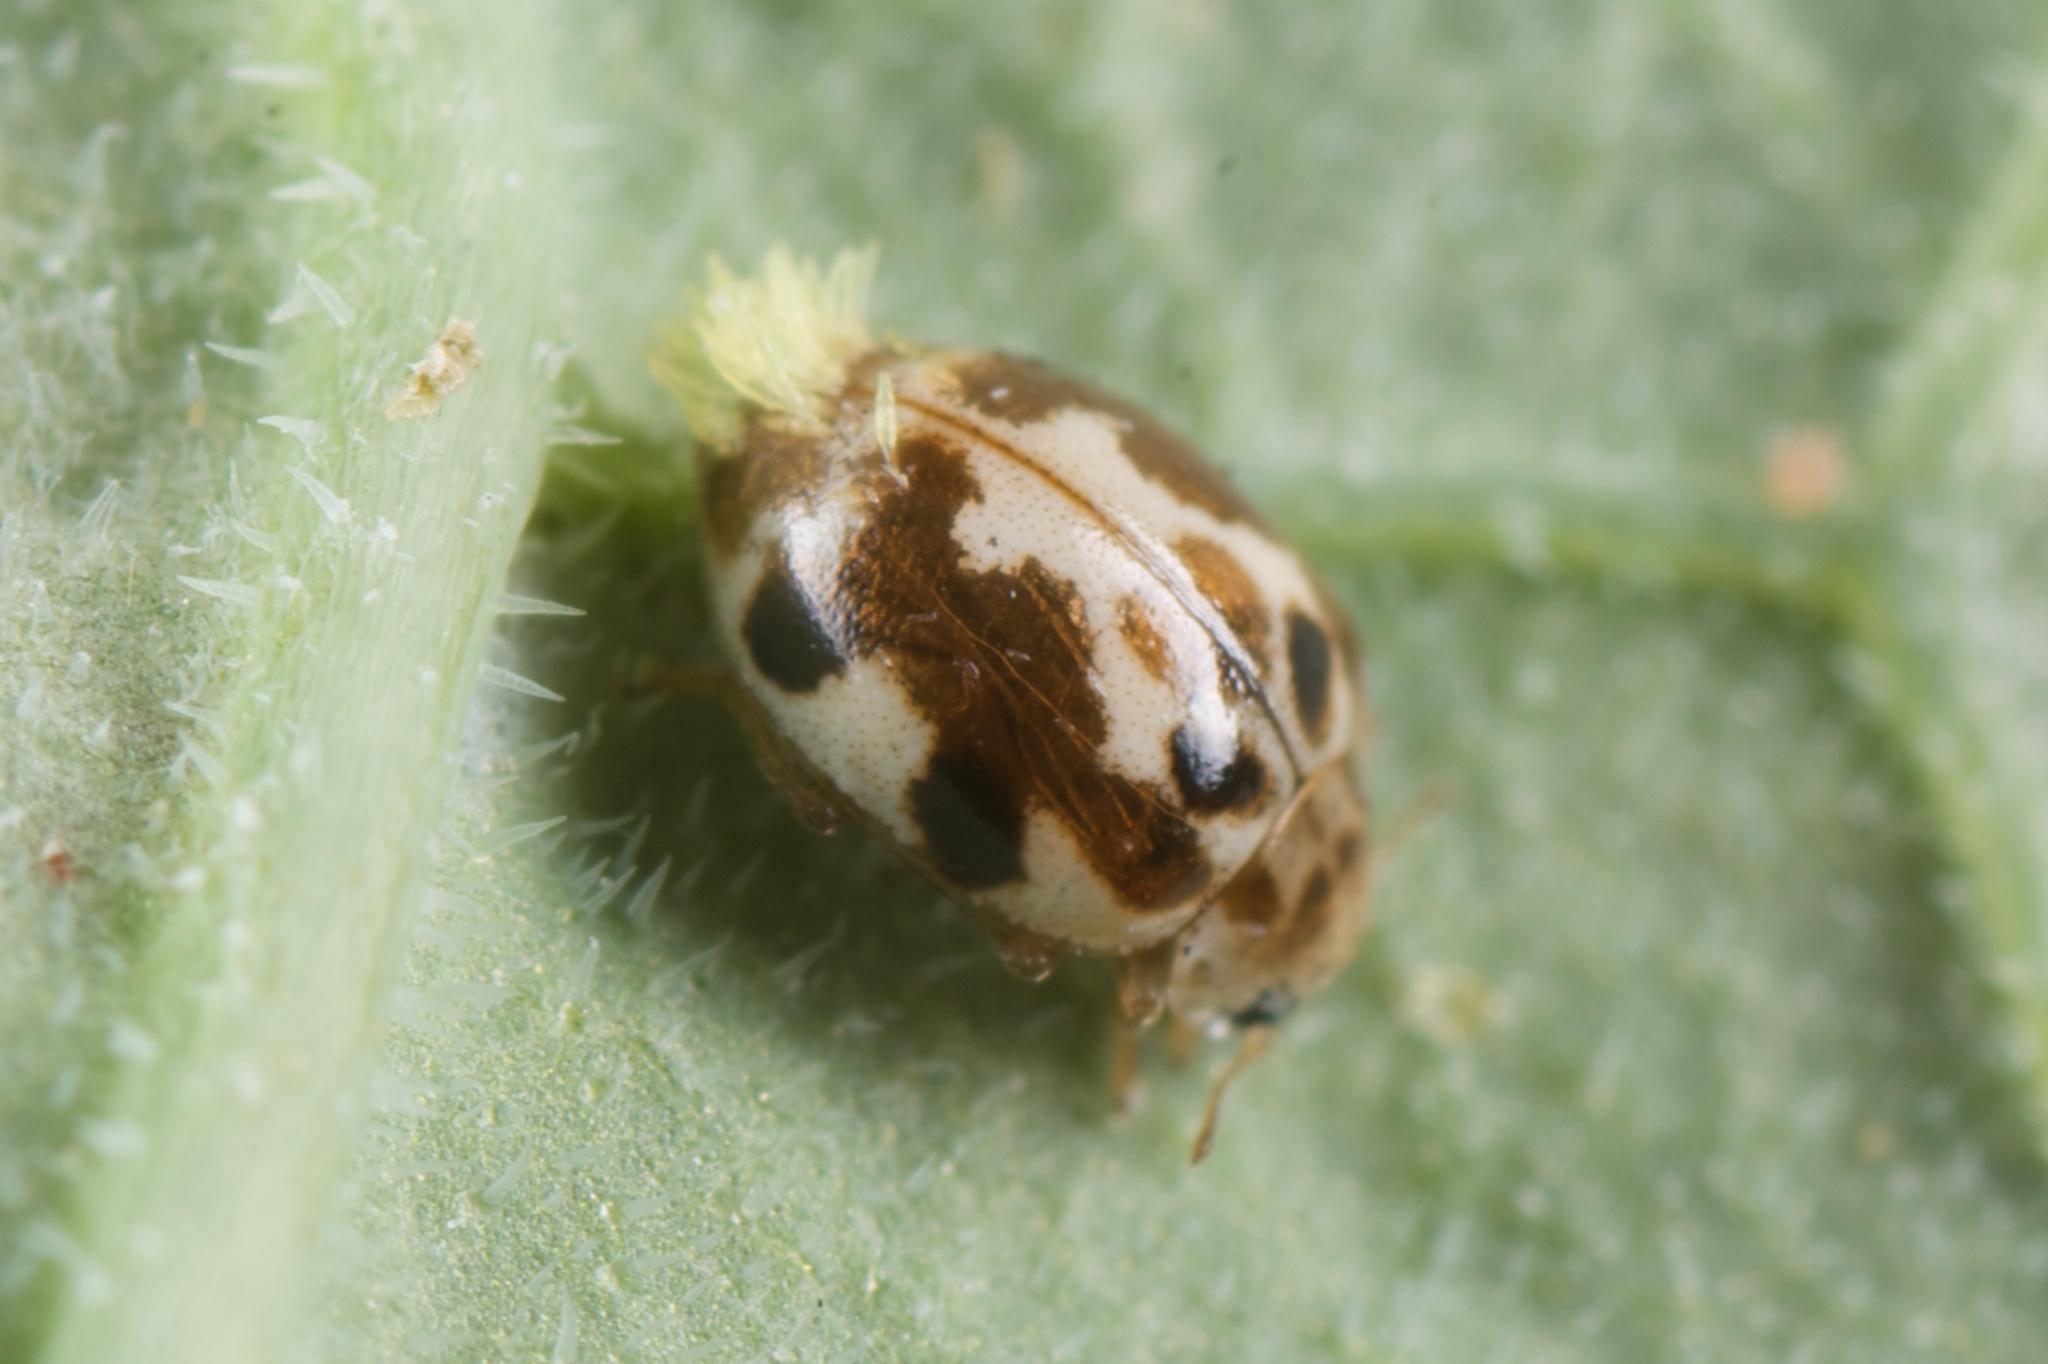 Image of Ladybird beetle